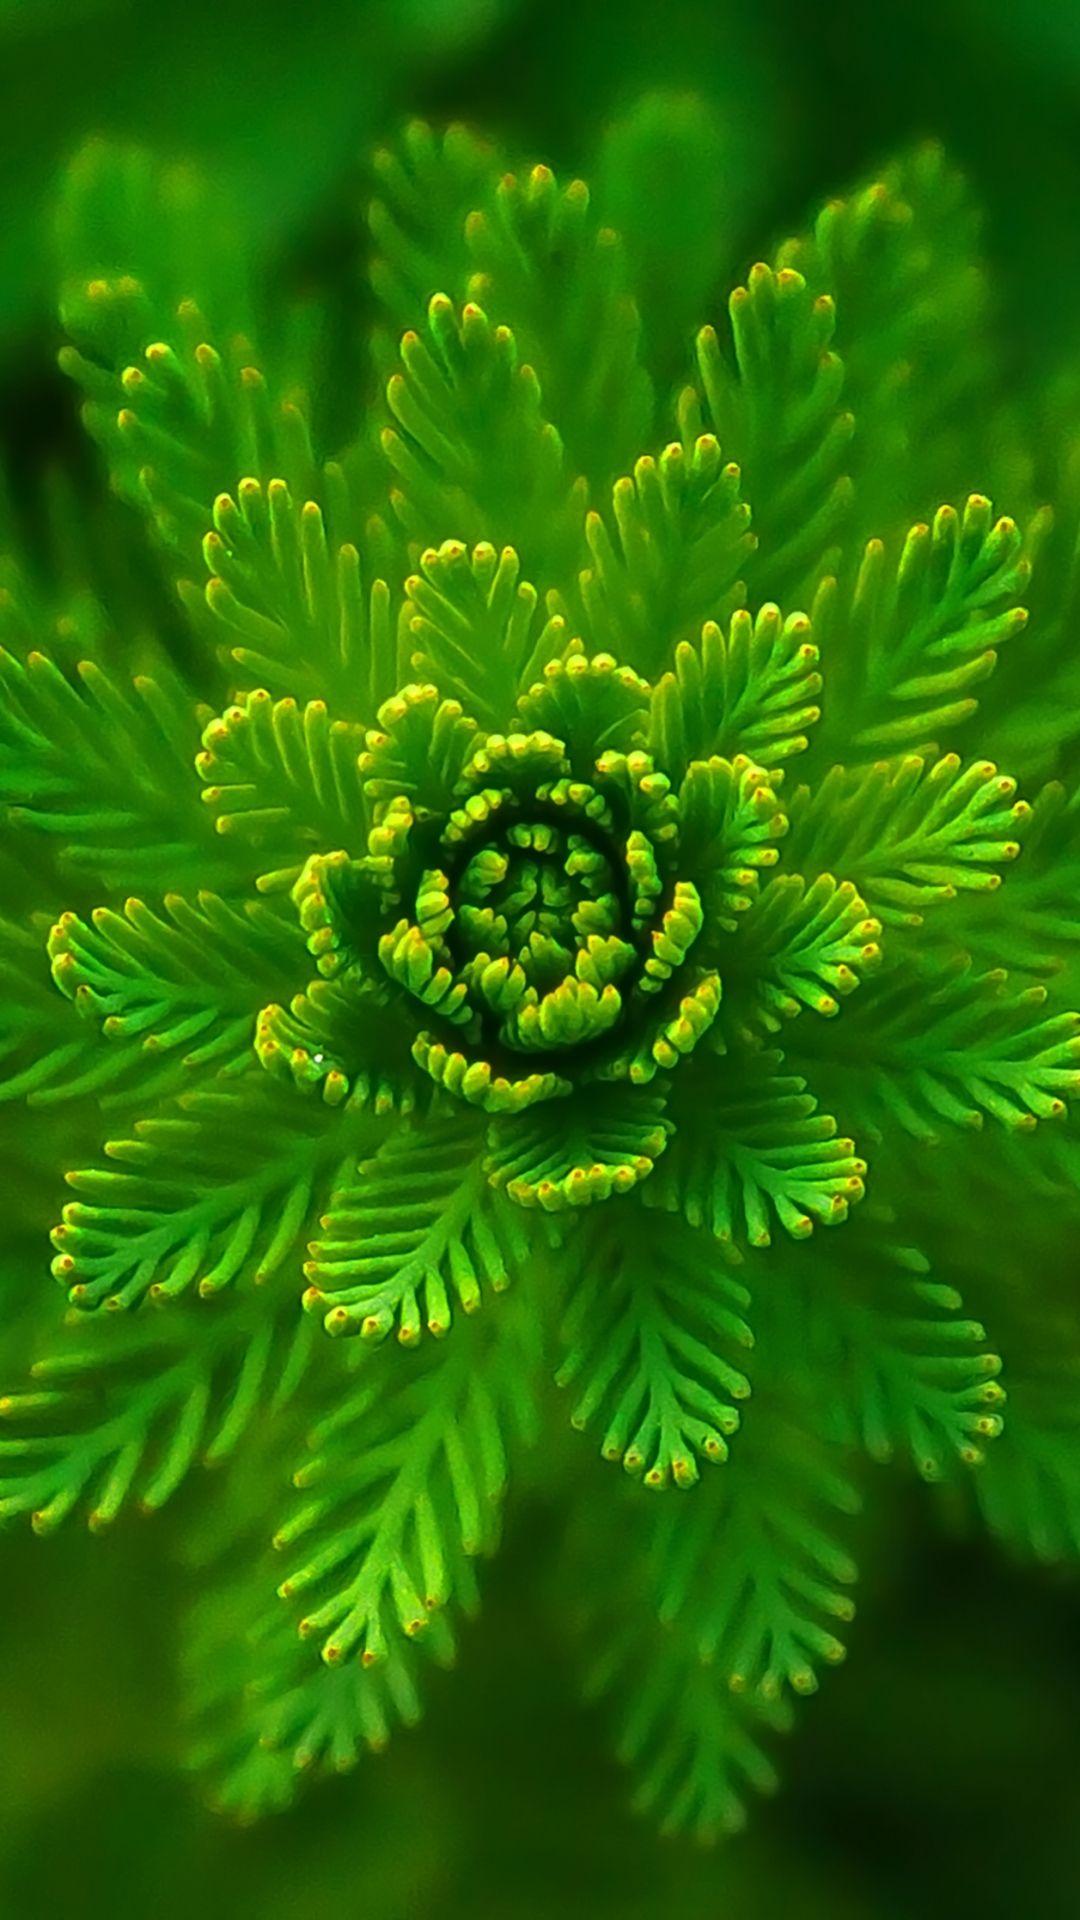 Nature Green Wallpaper 123 Pinterest Wallpaper Green And Nature